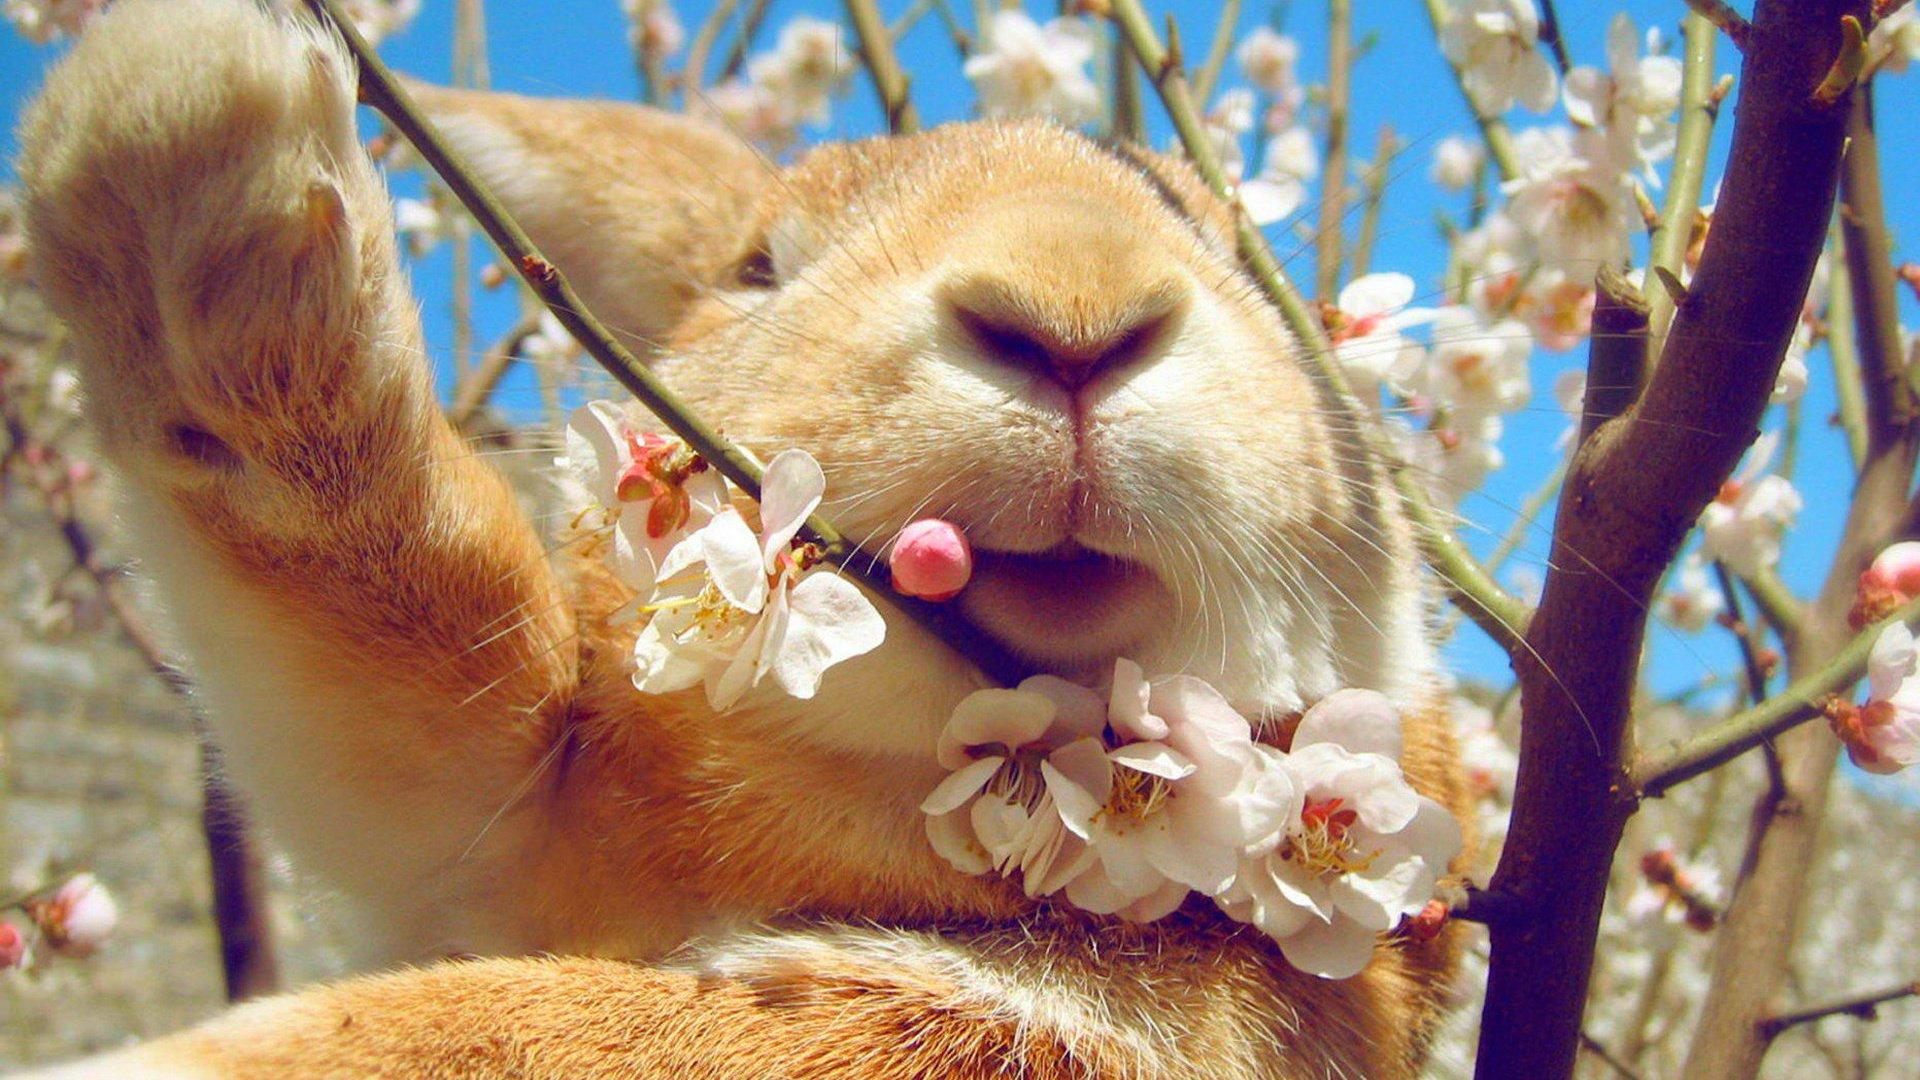 Графика весна природа животные подборки